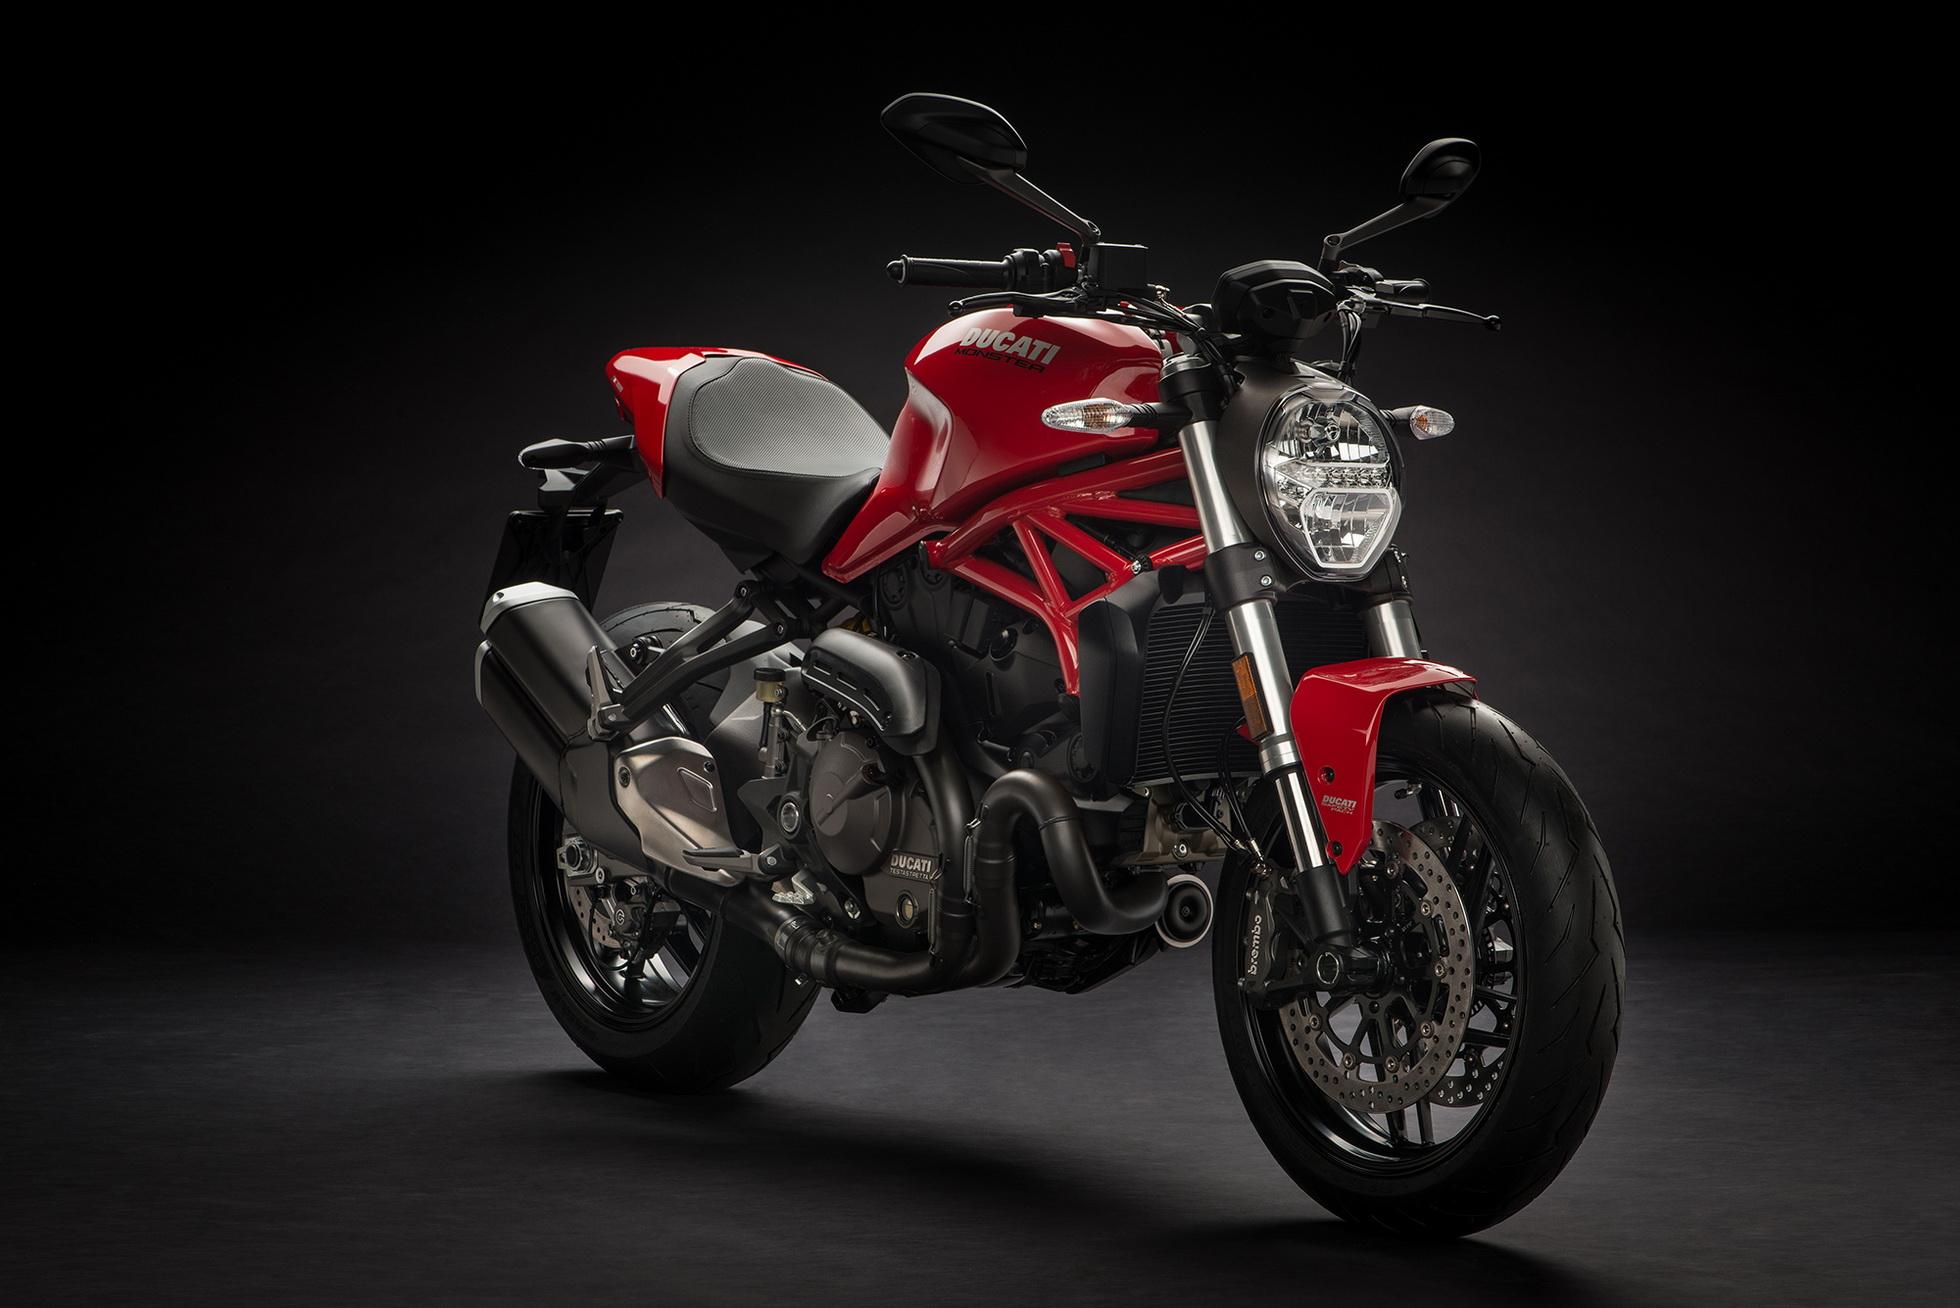 Ducati Monster 821 2018 for sale in Stoke